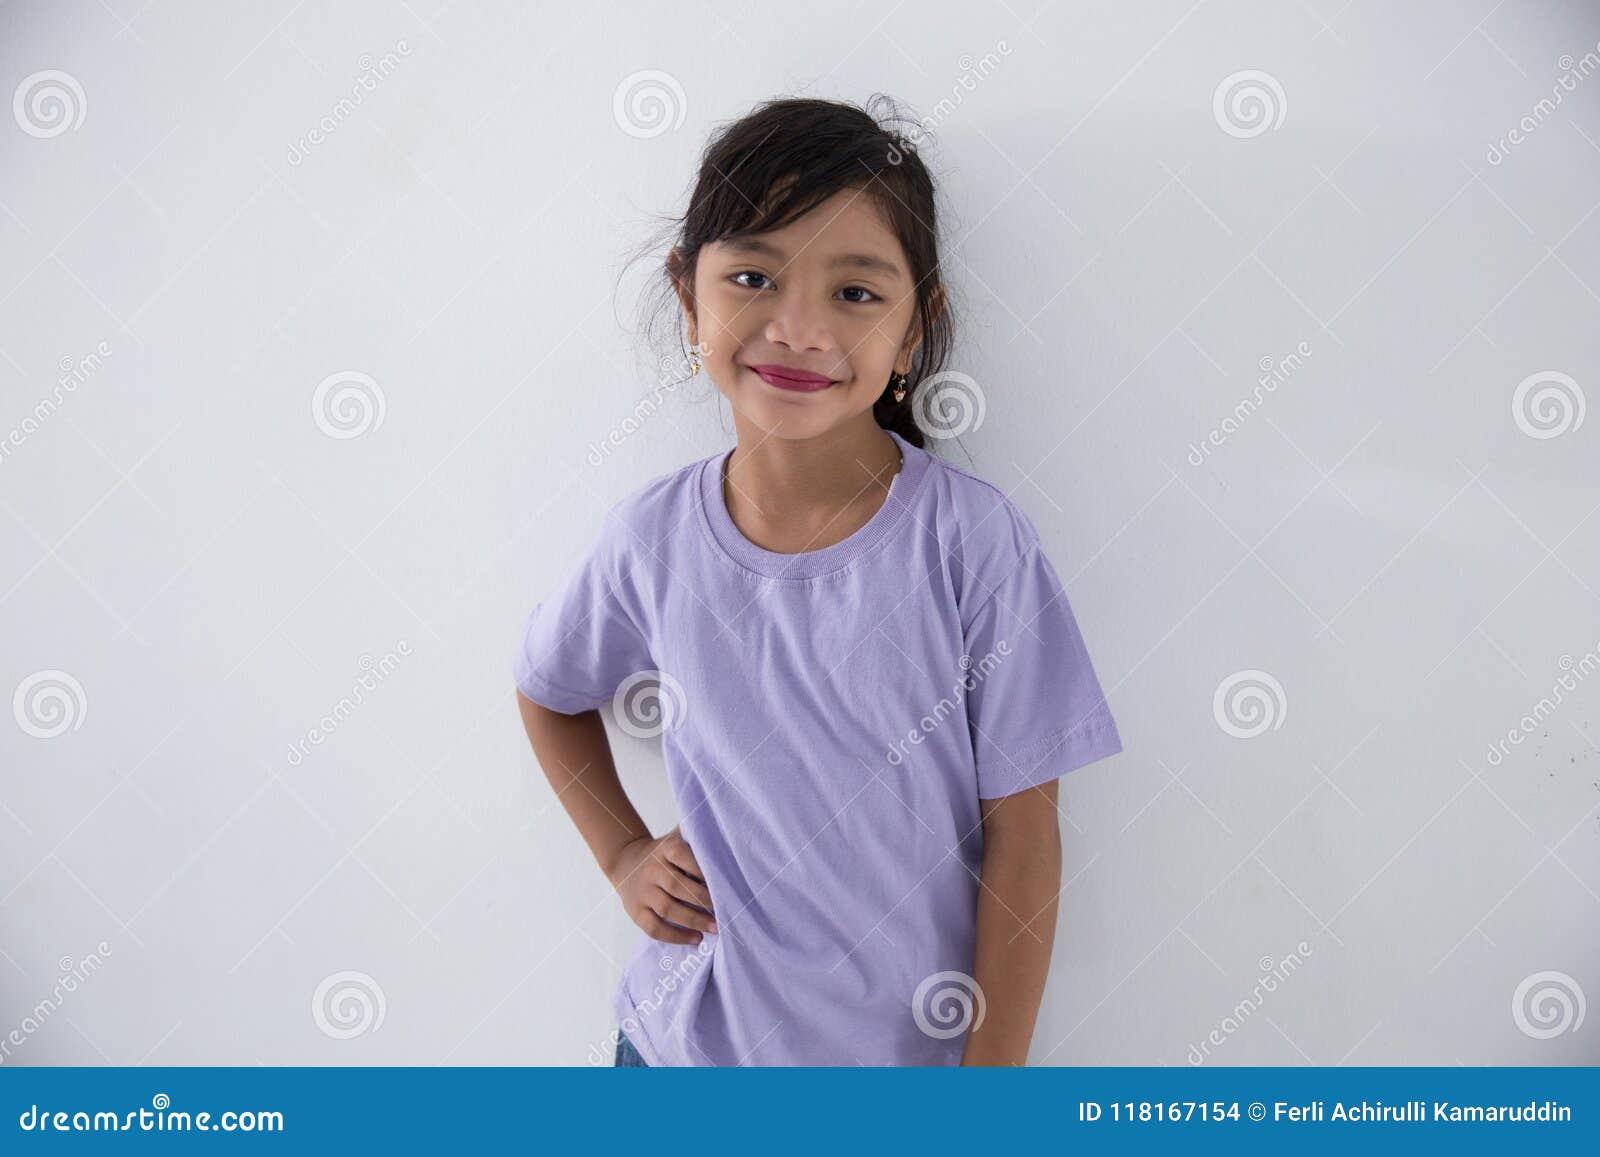 Sourire de fille assez petite